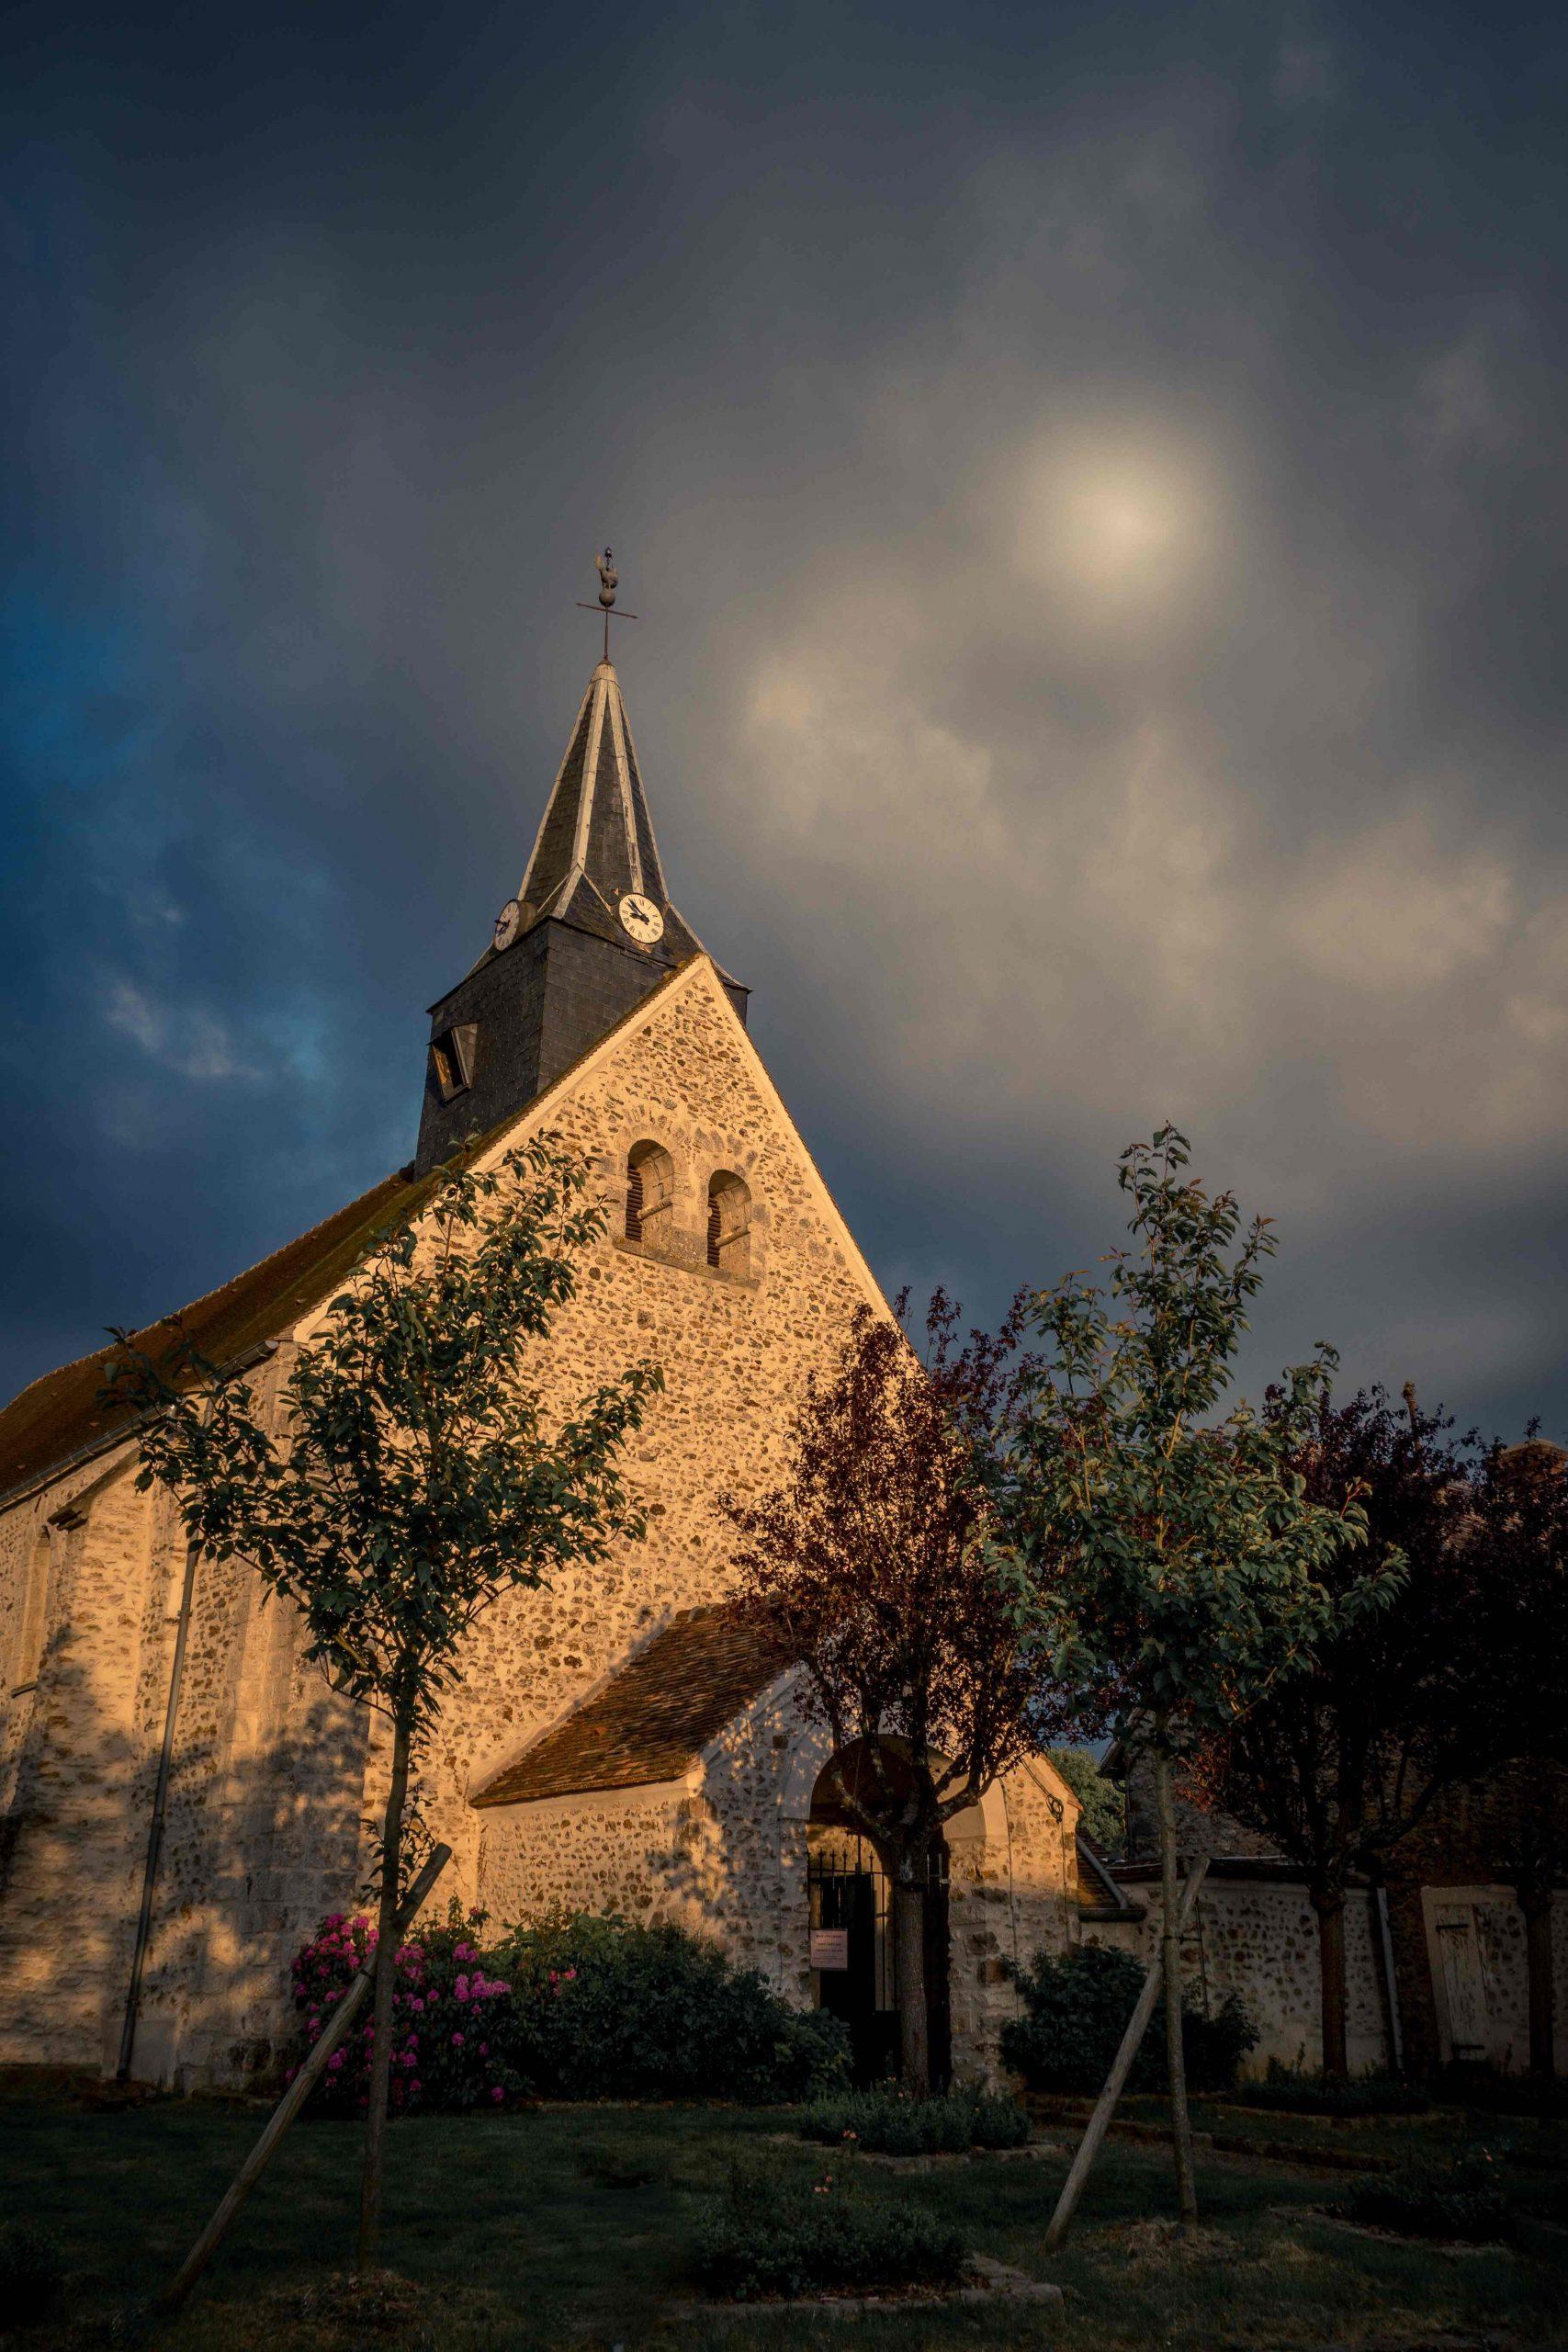 Eglise et nuage - Mairie de Ponthévrard